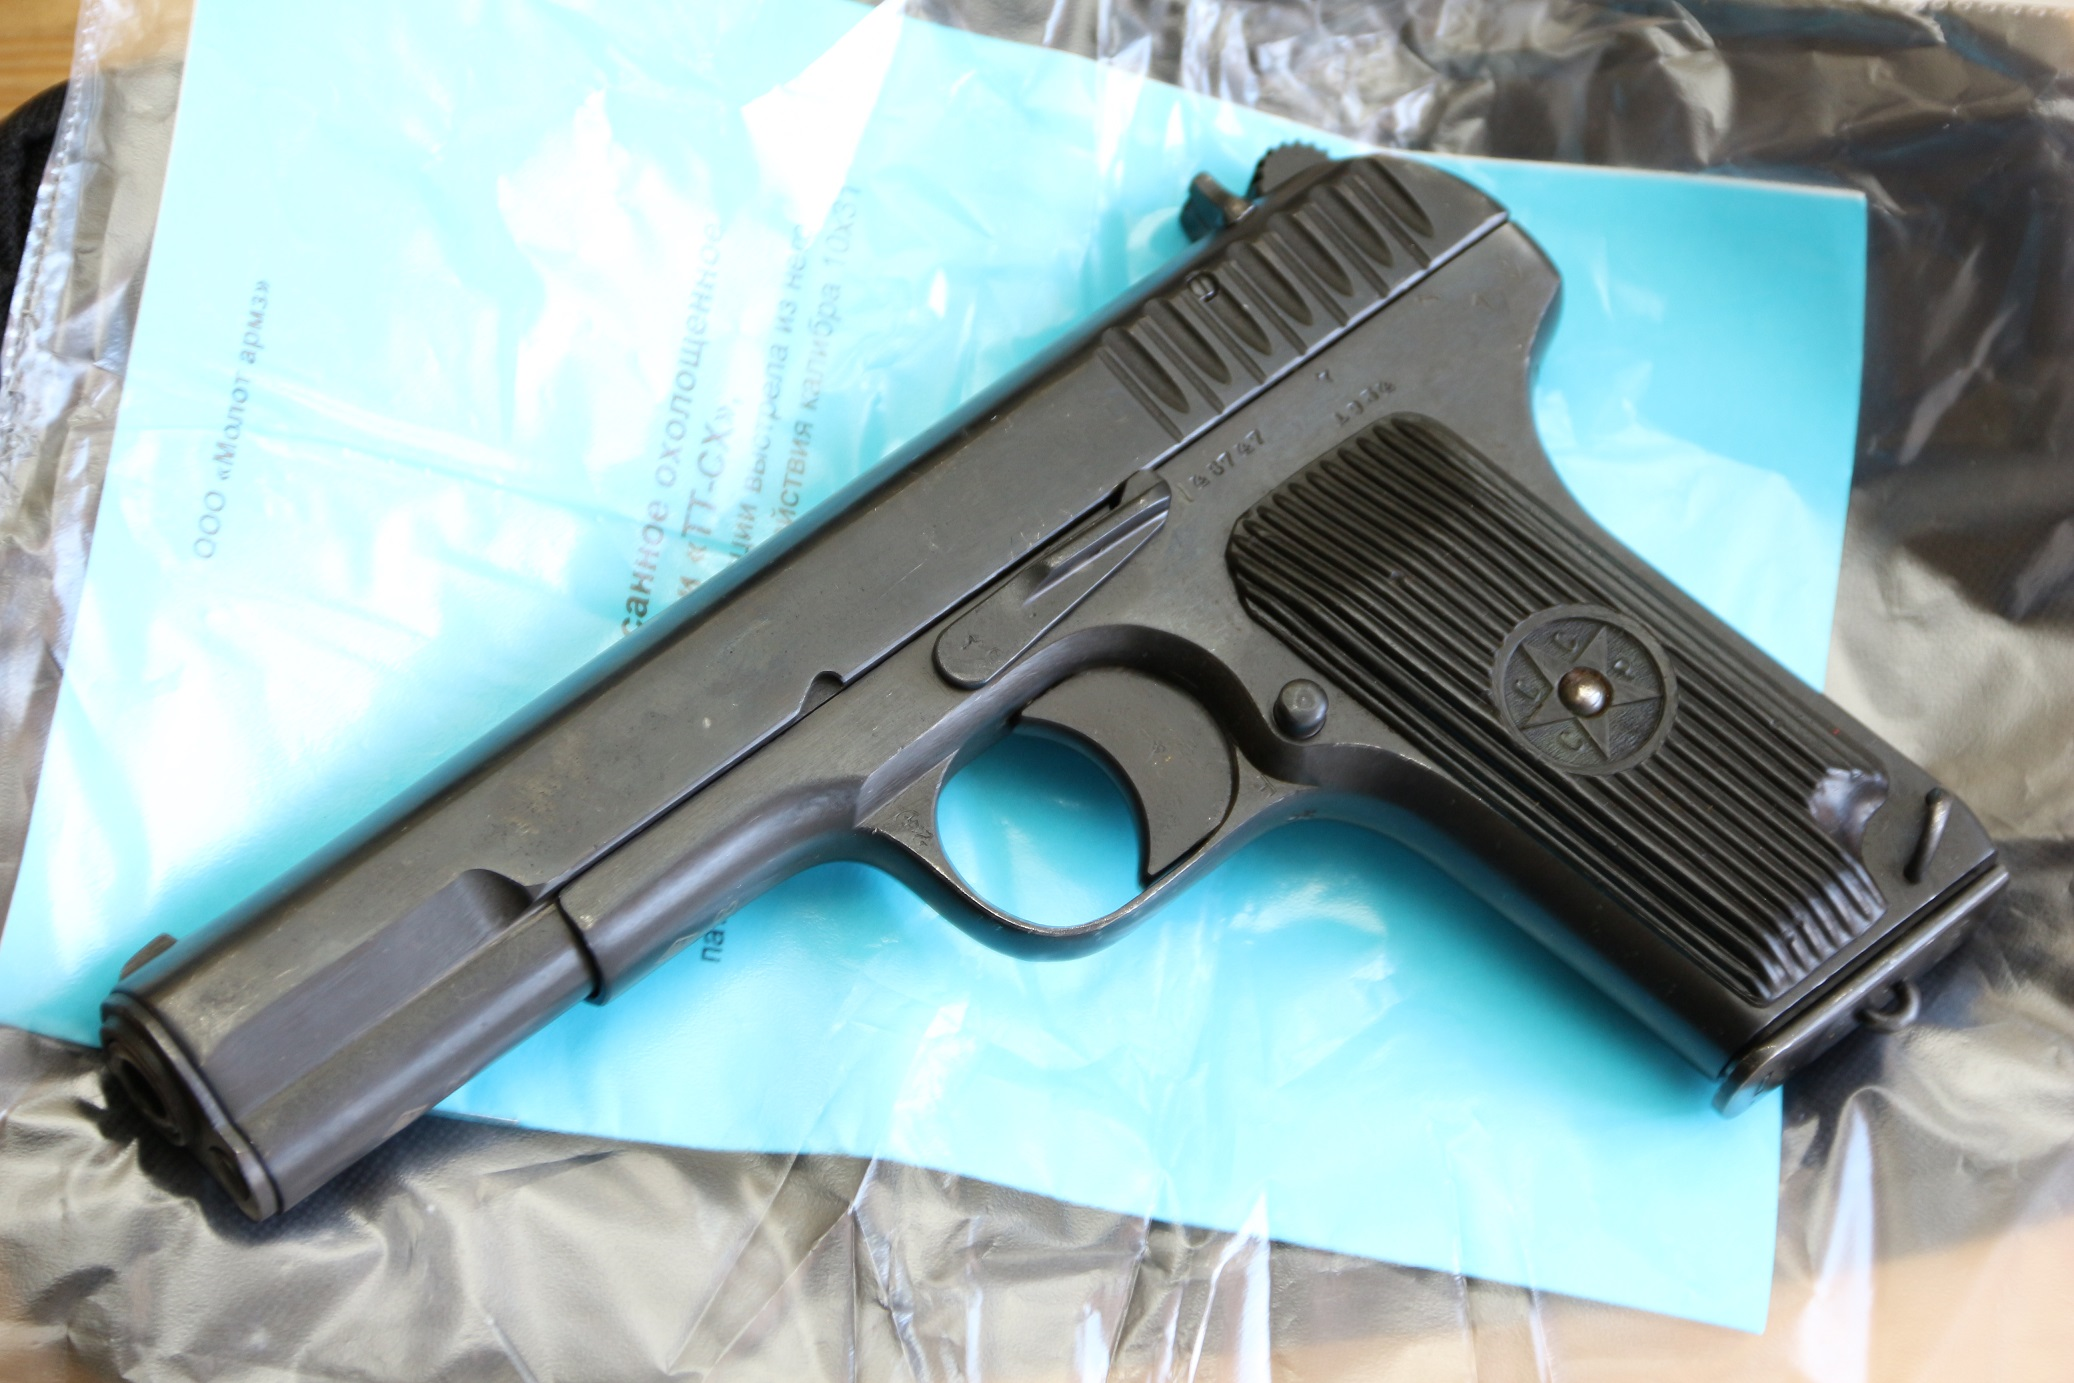 Охолощенный пистолет ТТ-СХ 1934 года №46747, модификация ТТ-30